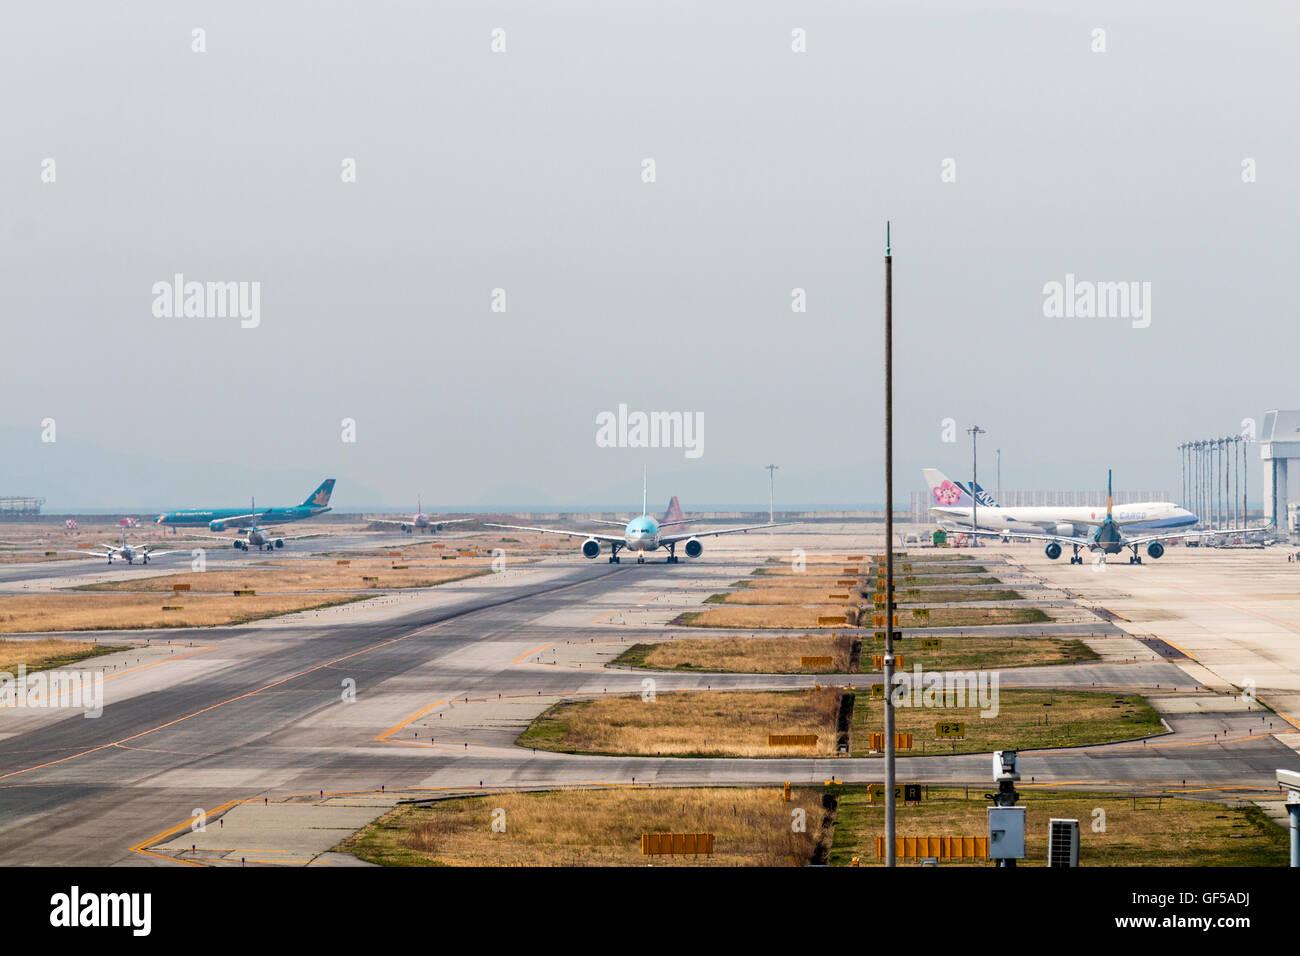 Japan, Osaka, Kansai airport, KIX. 'KLM Asia' 777-206ER taxiing on runway. Another aircraft taxiing along - Stock Image